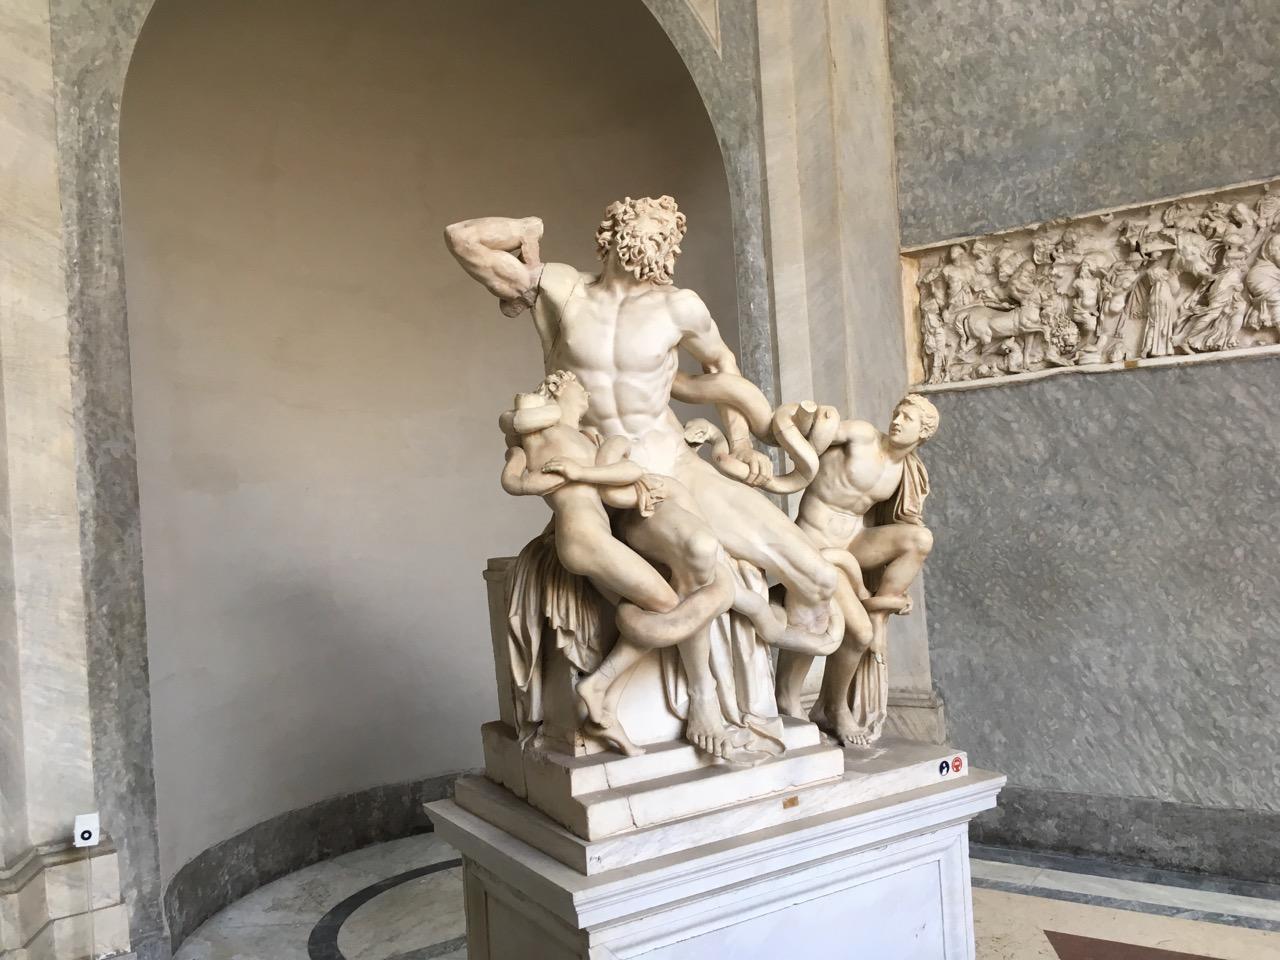 拉奥孔,博物馆三大镇馆之宝之一,描述的是拉奥孔和他的两个儿子被两条蛇缠死